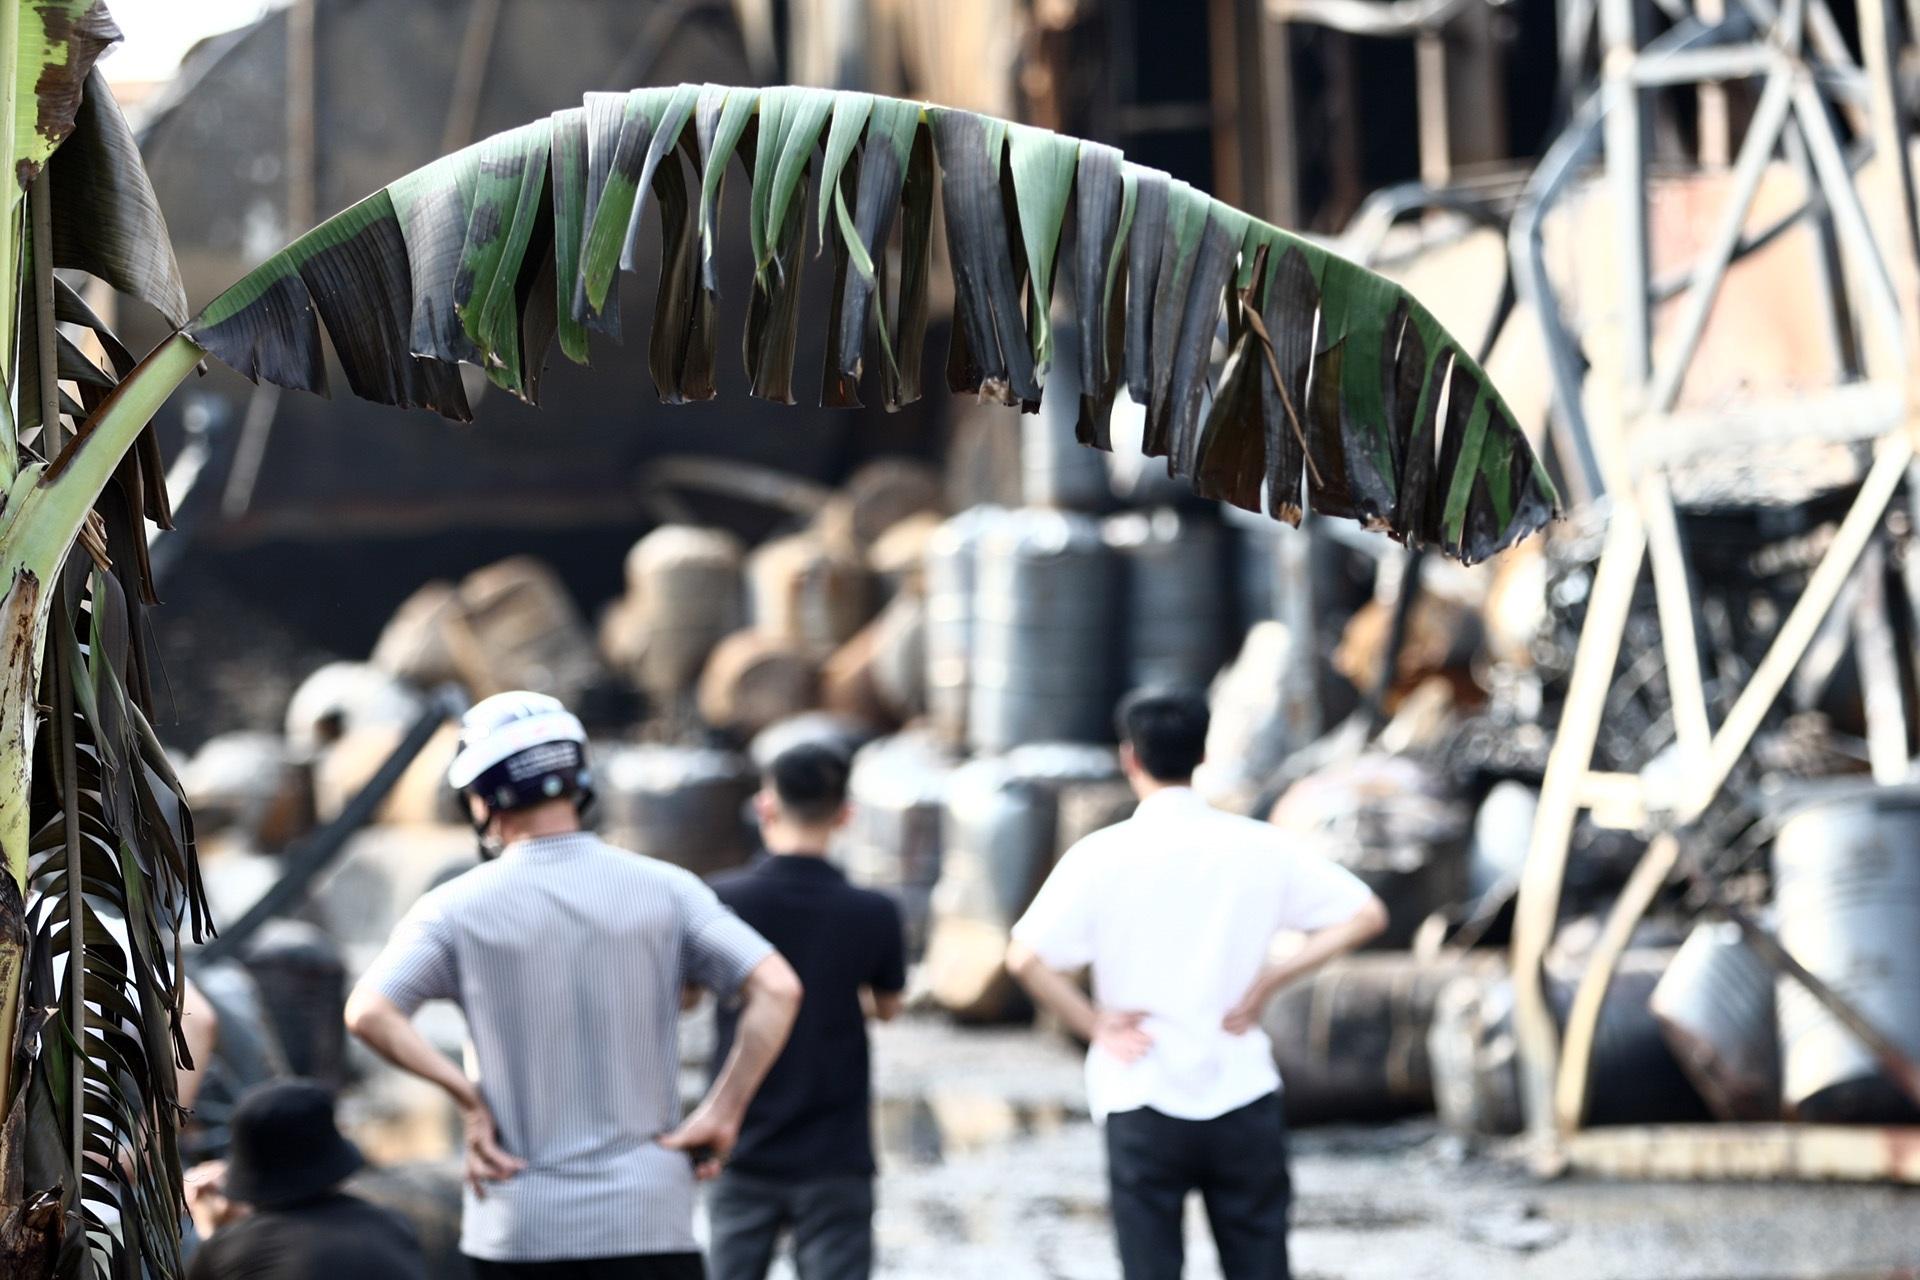 Toàn cảnh kho hoá chất sau đám cháy lớn - 9